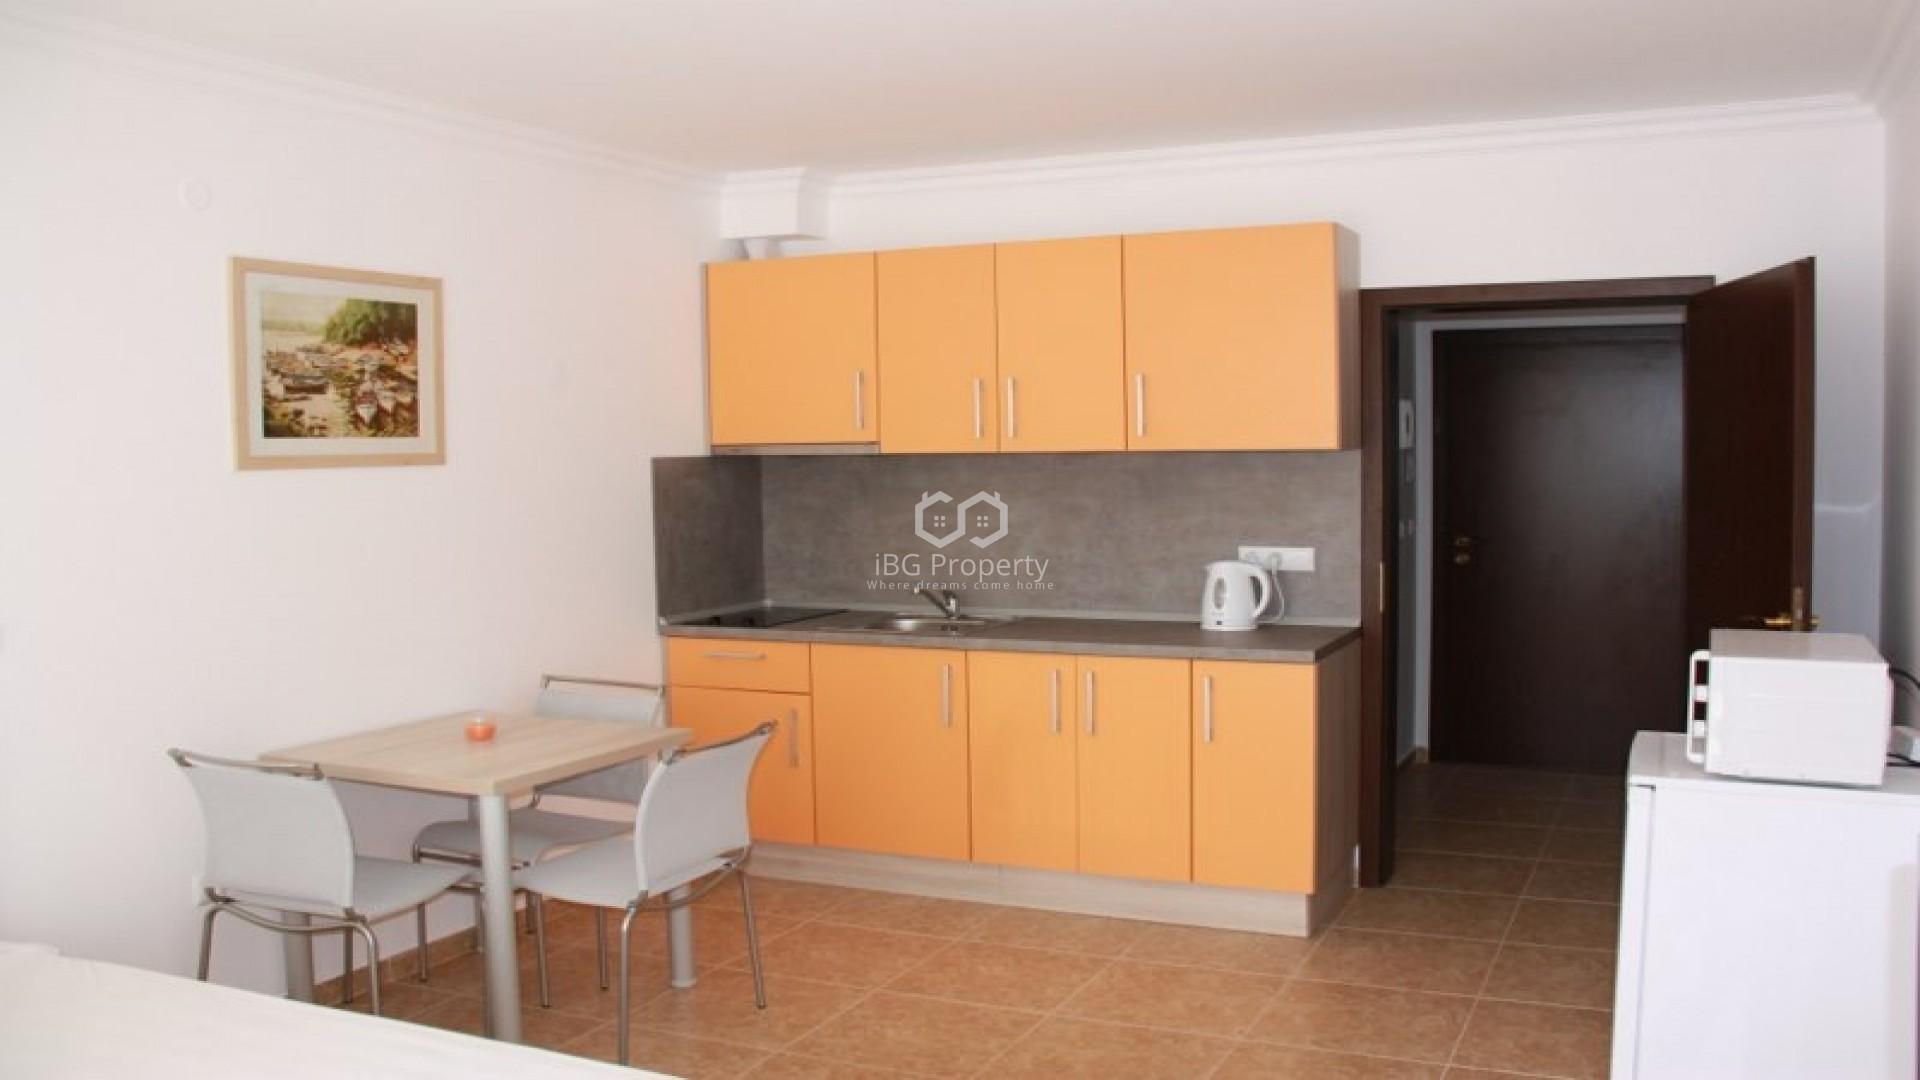 Eдностаен апартамент Свети Влас  38 m2